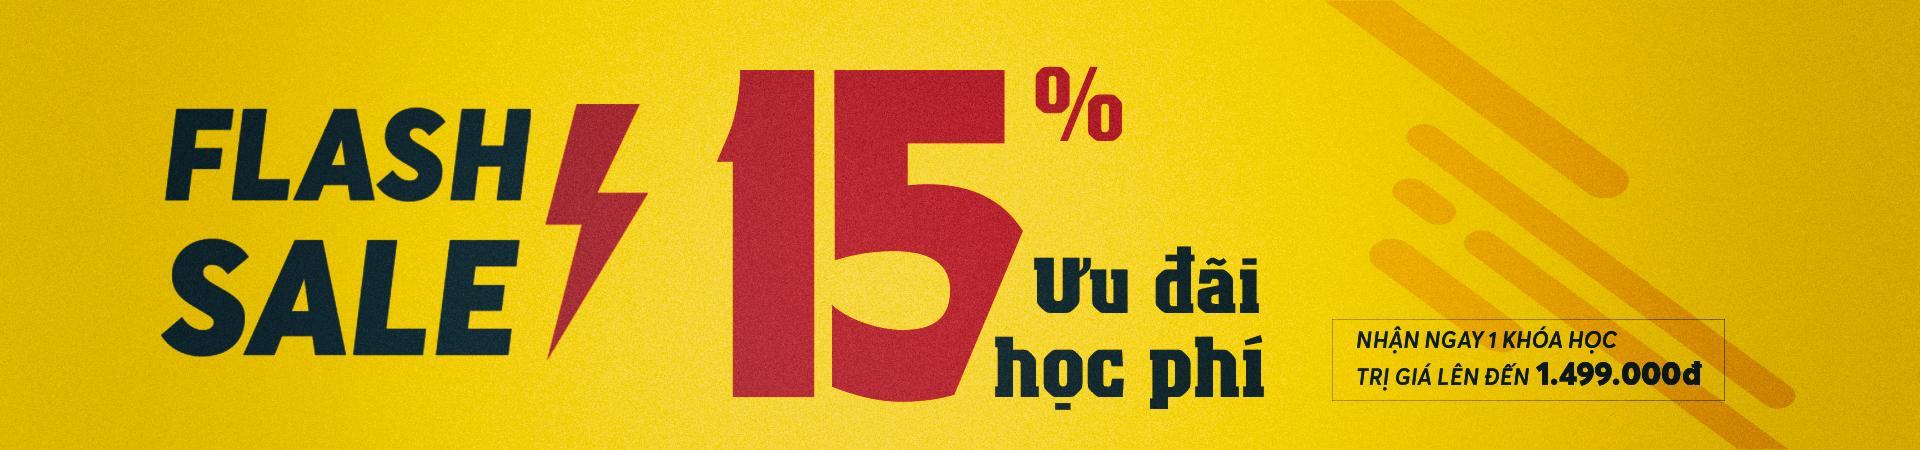 Banner KENT.VN 15% Uu dai hoc phi